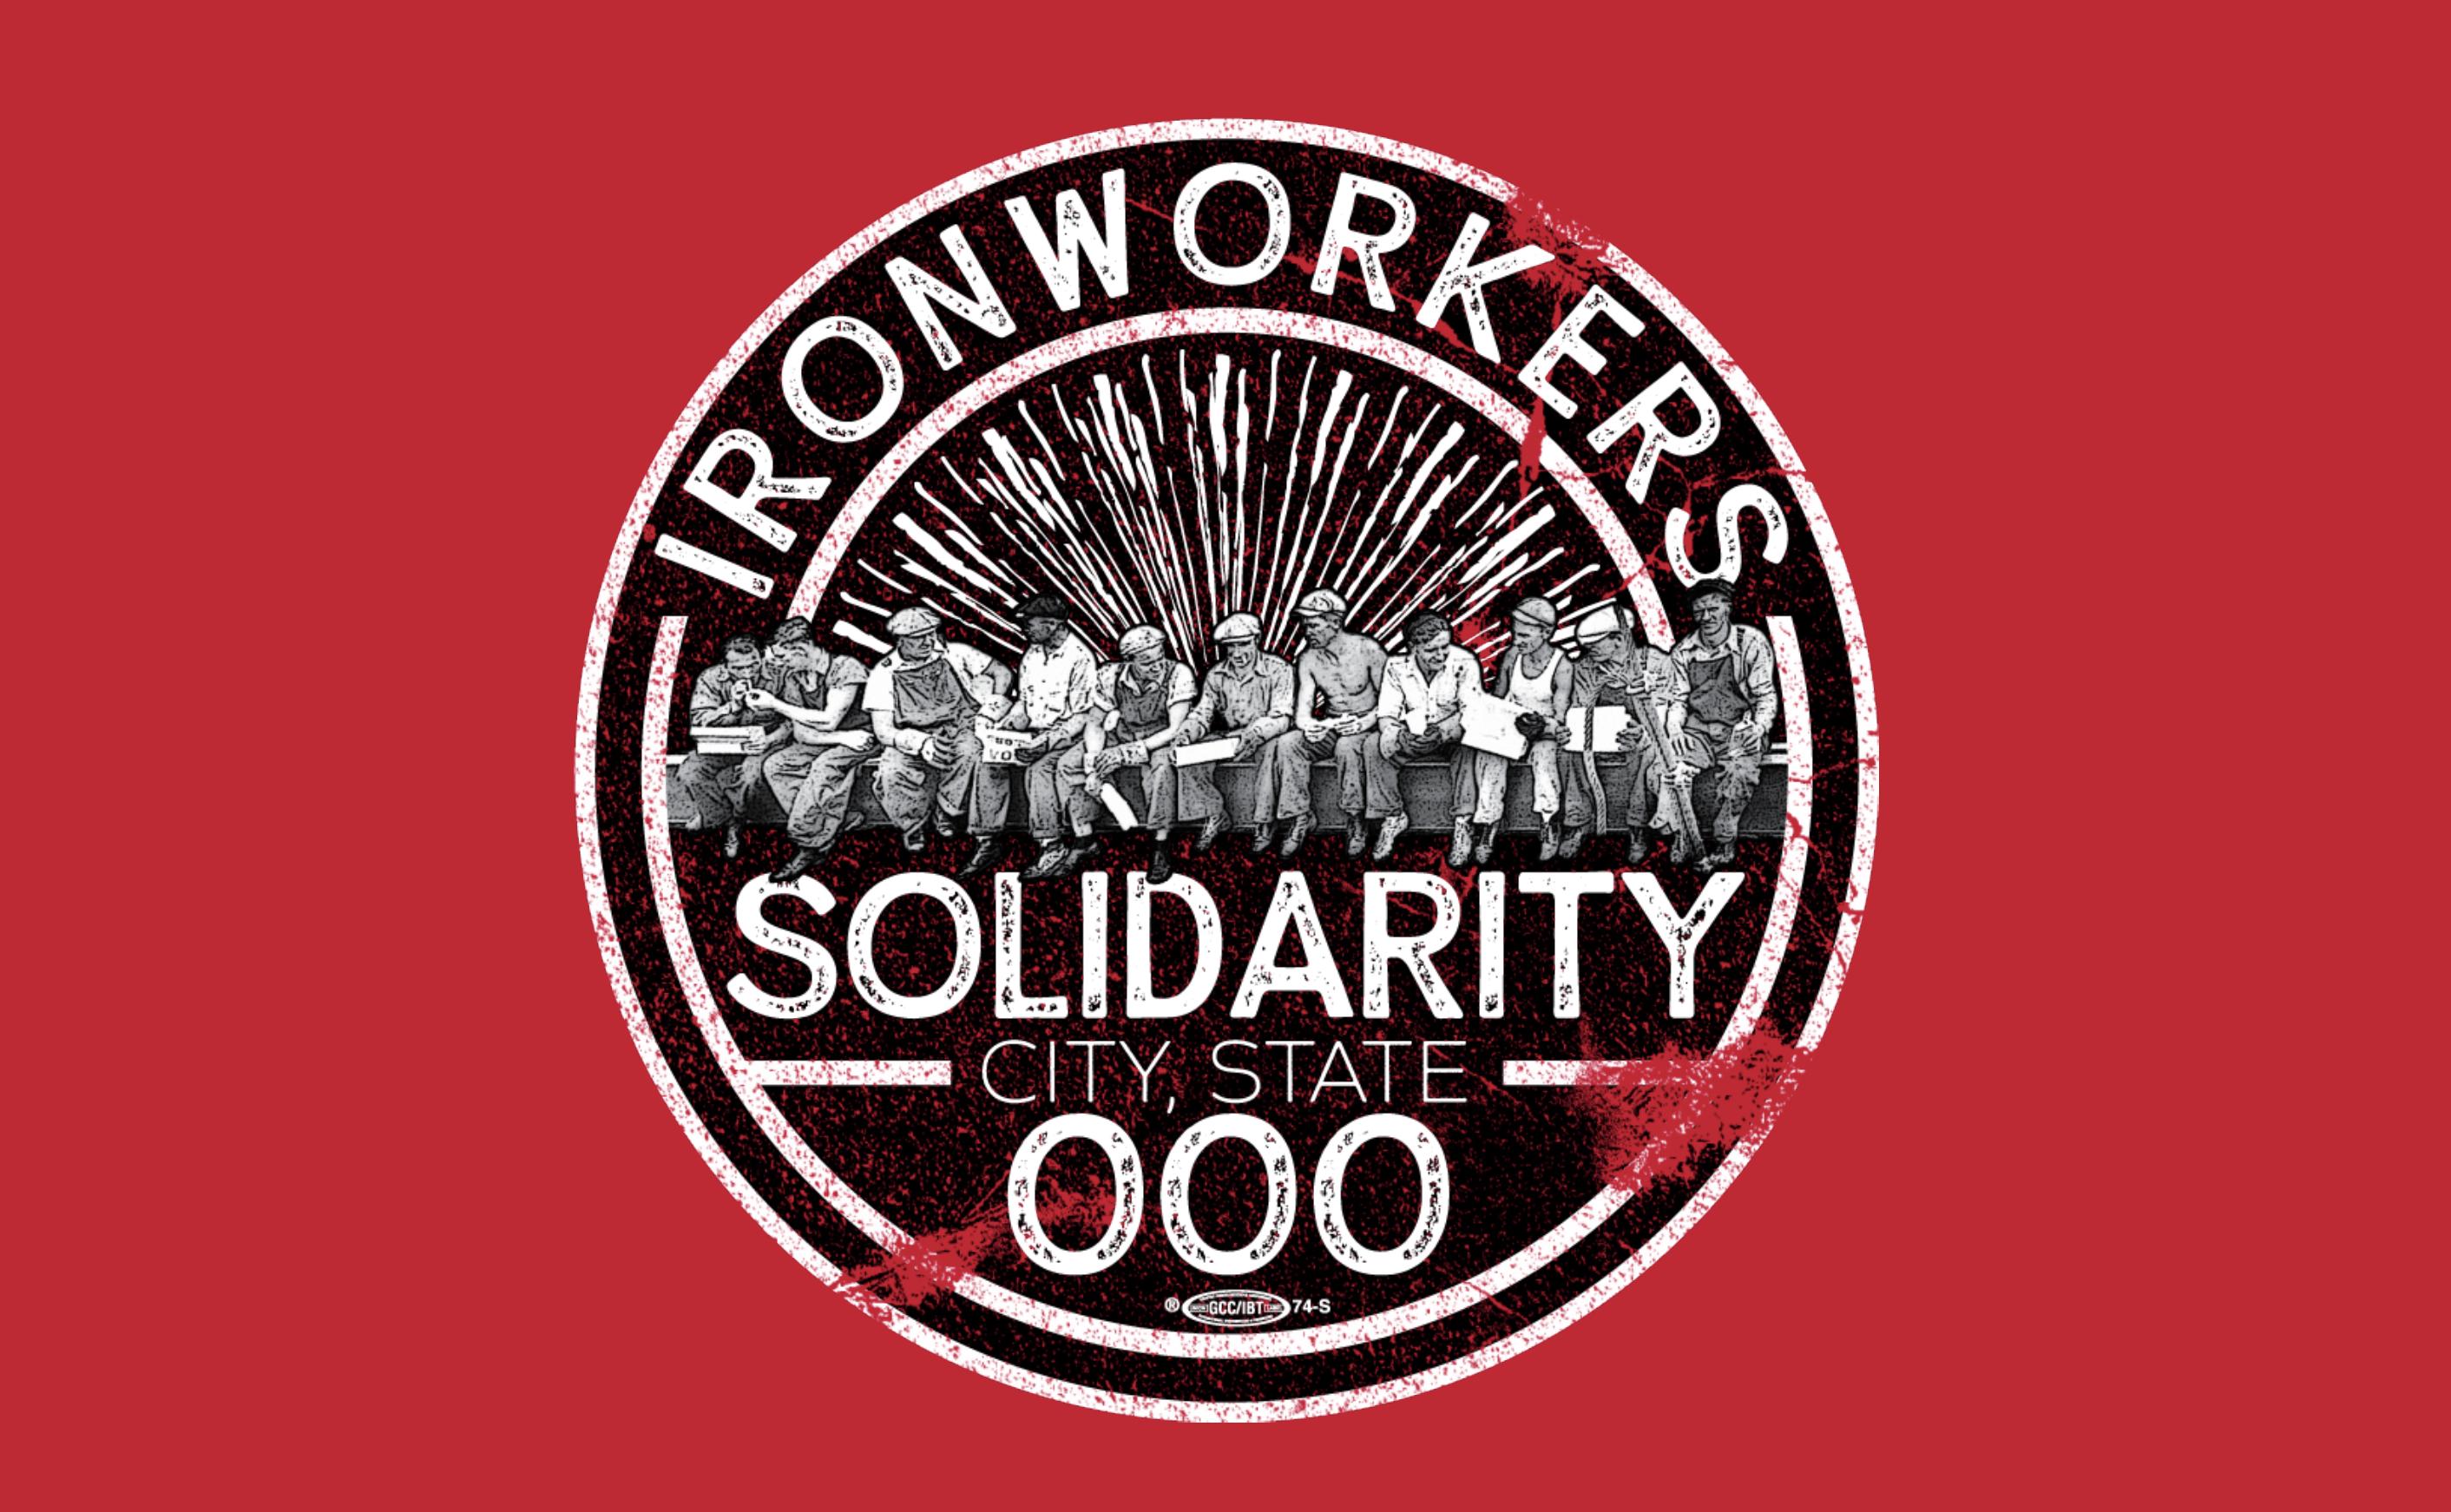 Union Clothing Co. #249